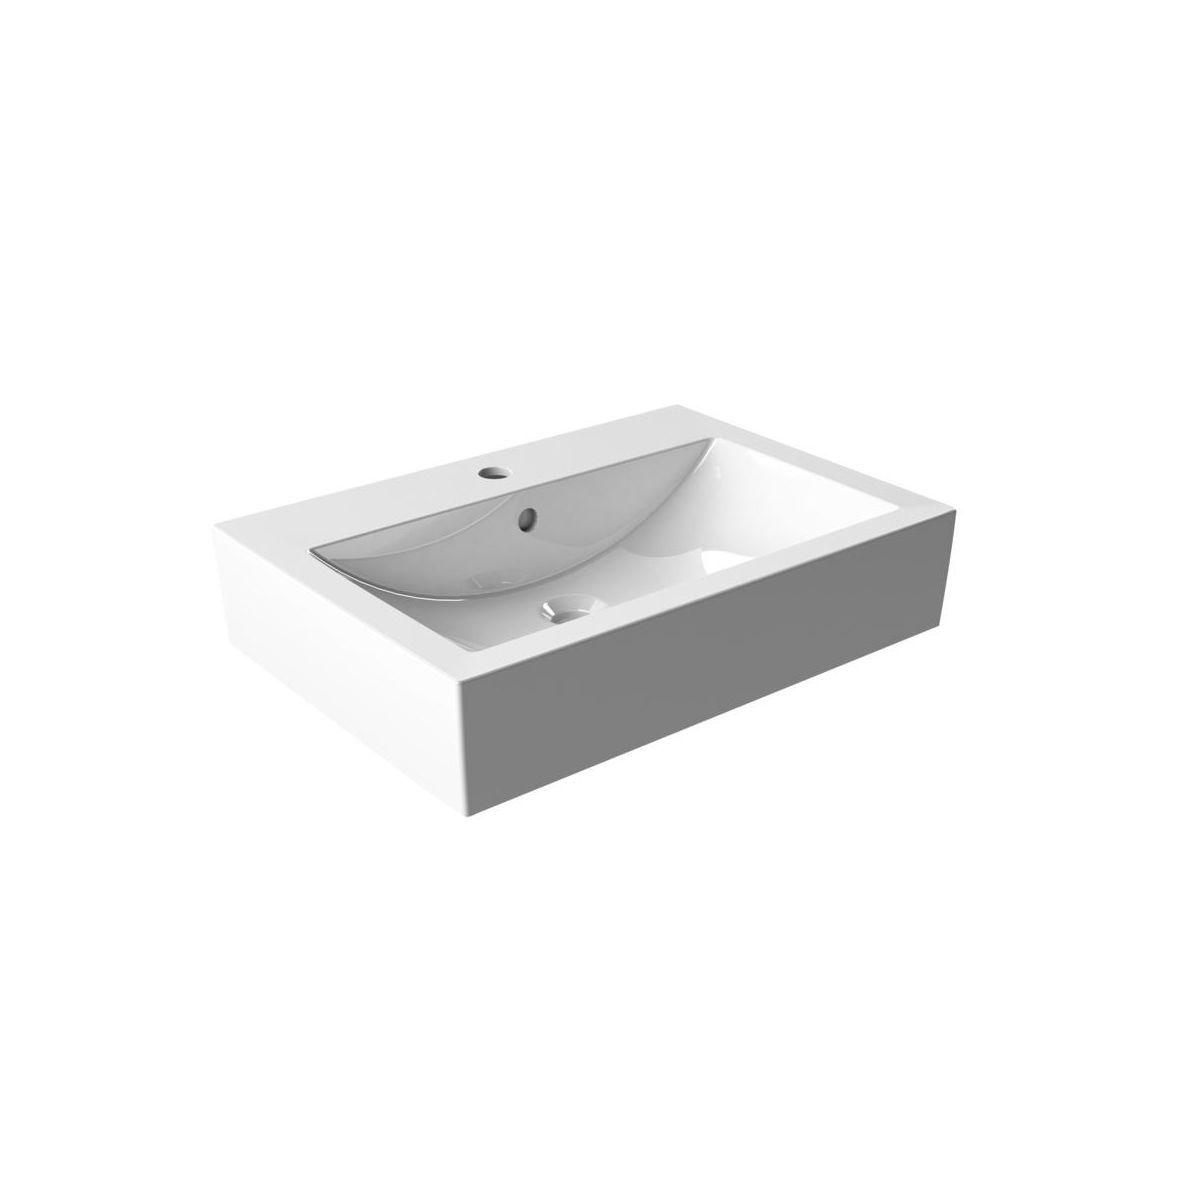 Umywalka Nablatowa 50 Armatura Krakow Orne Umywalki W Atrakcyjnej Cenie W Sklepach Leroy Merlin Home Decor Decor Sink